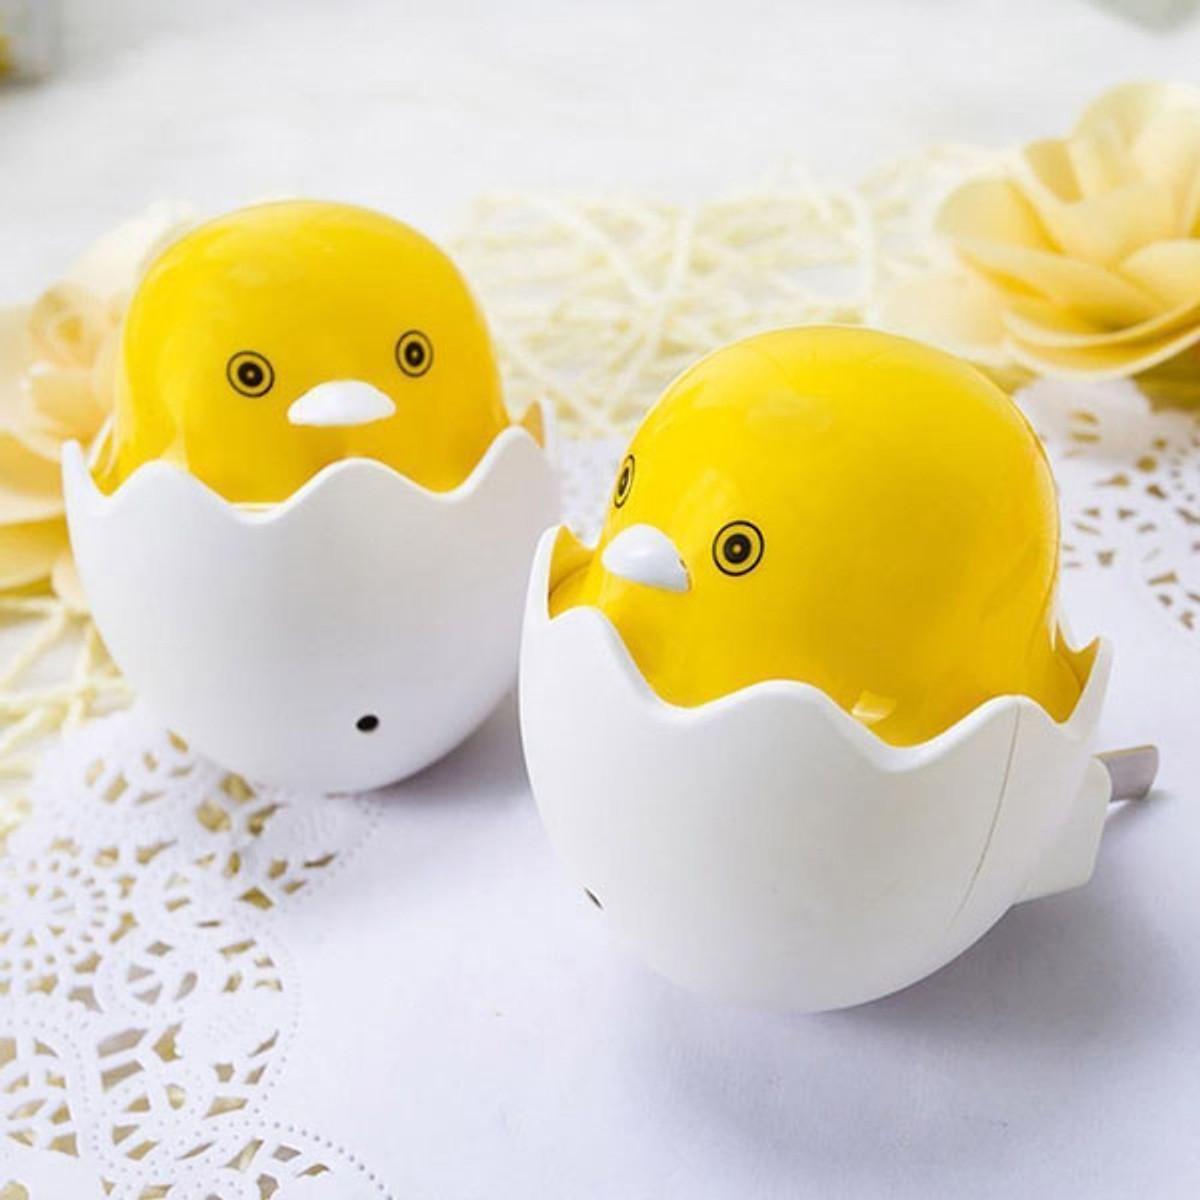 2 Đèn Ngủ Cảm Ứng Hình Quả Trứng